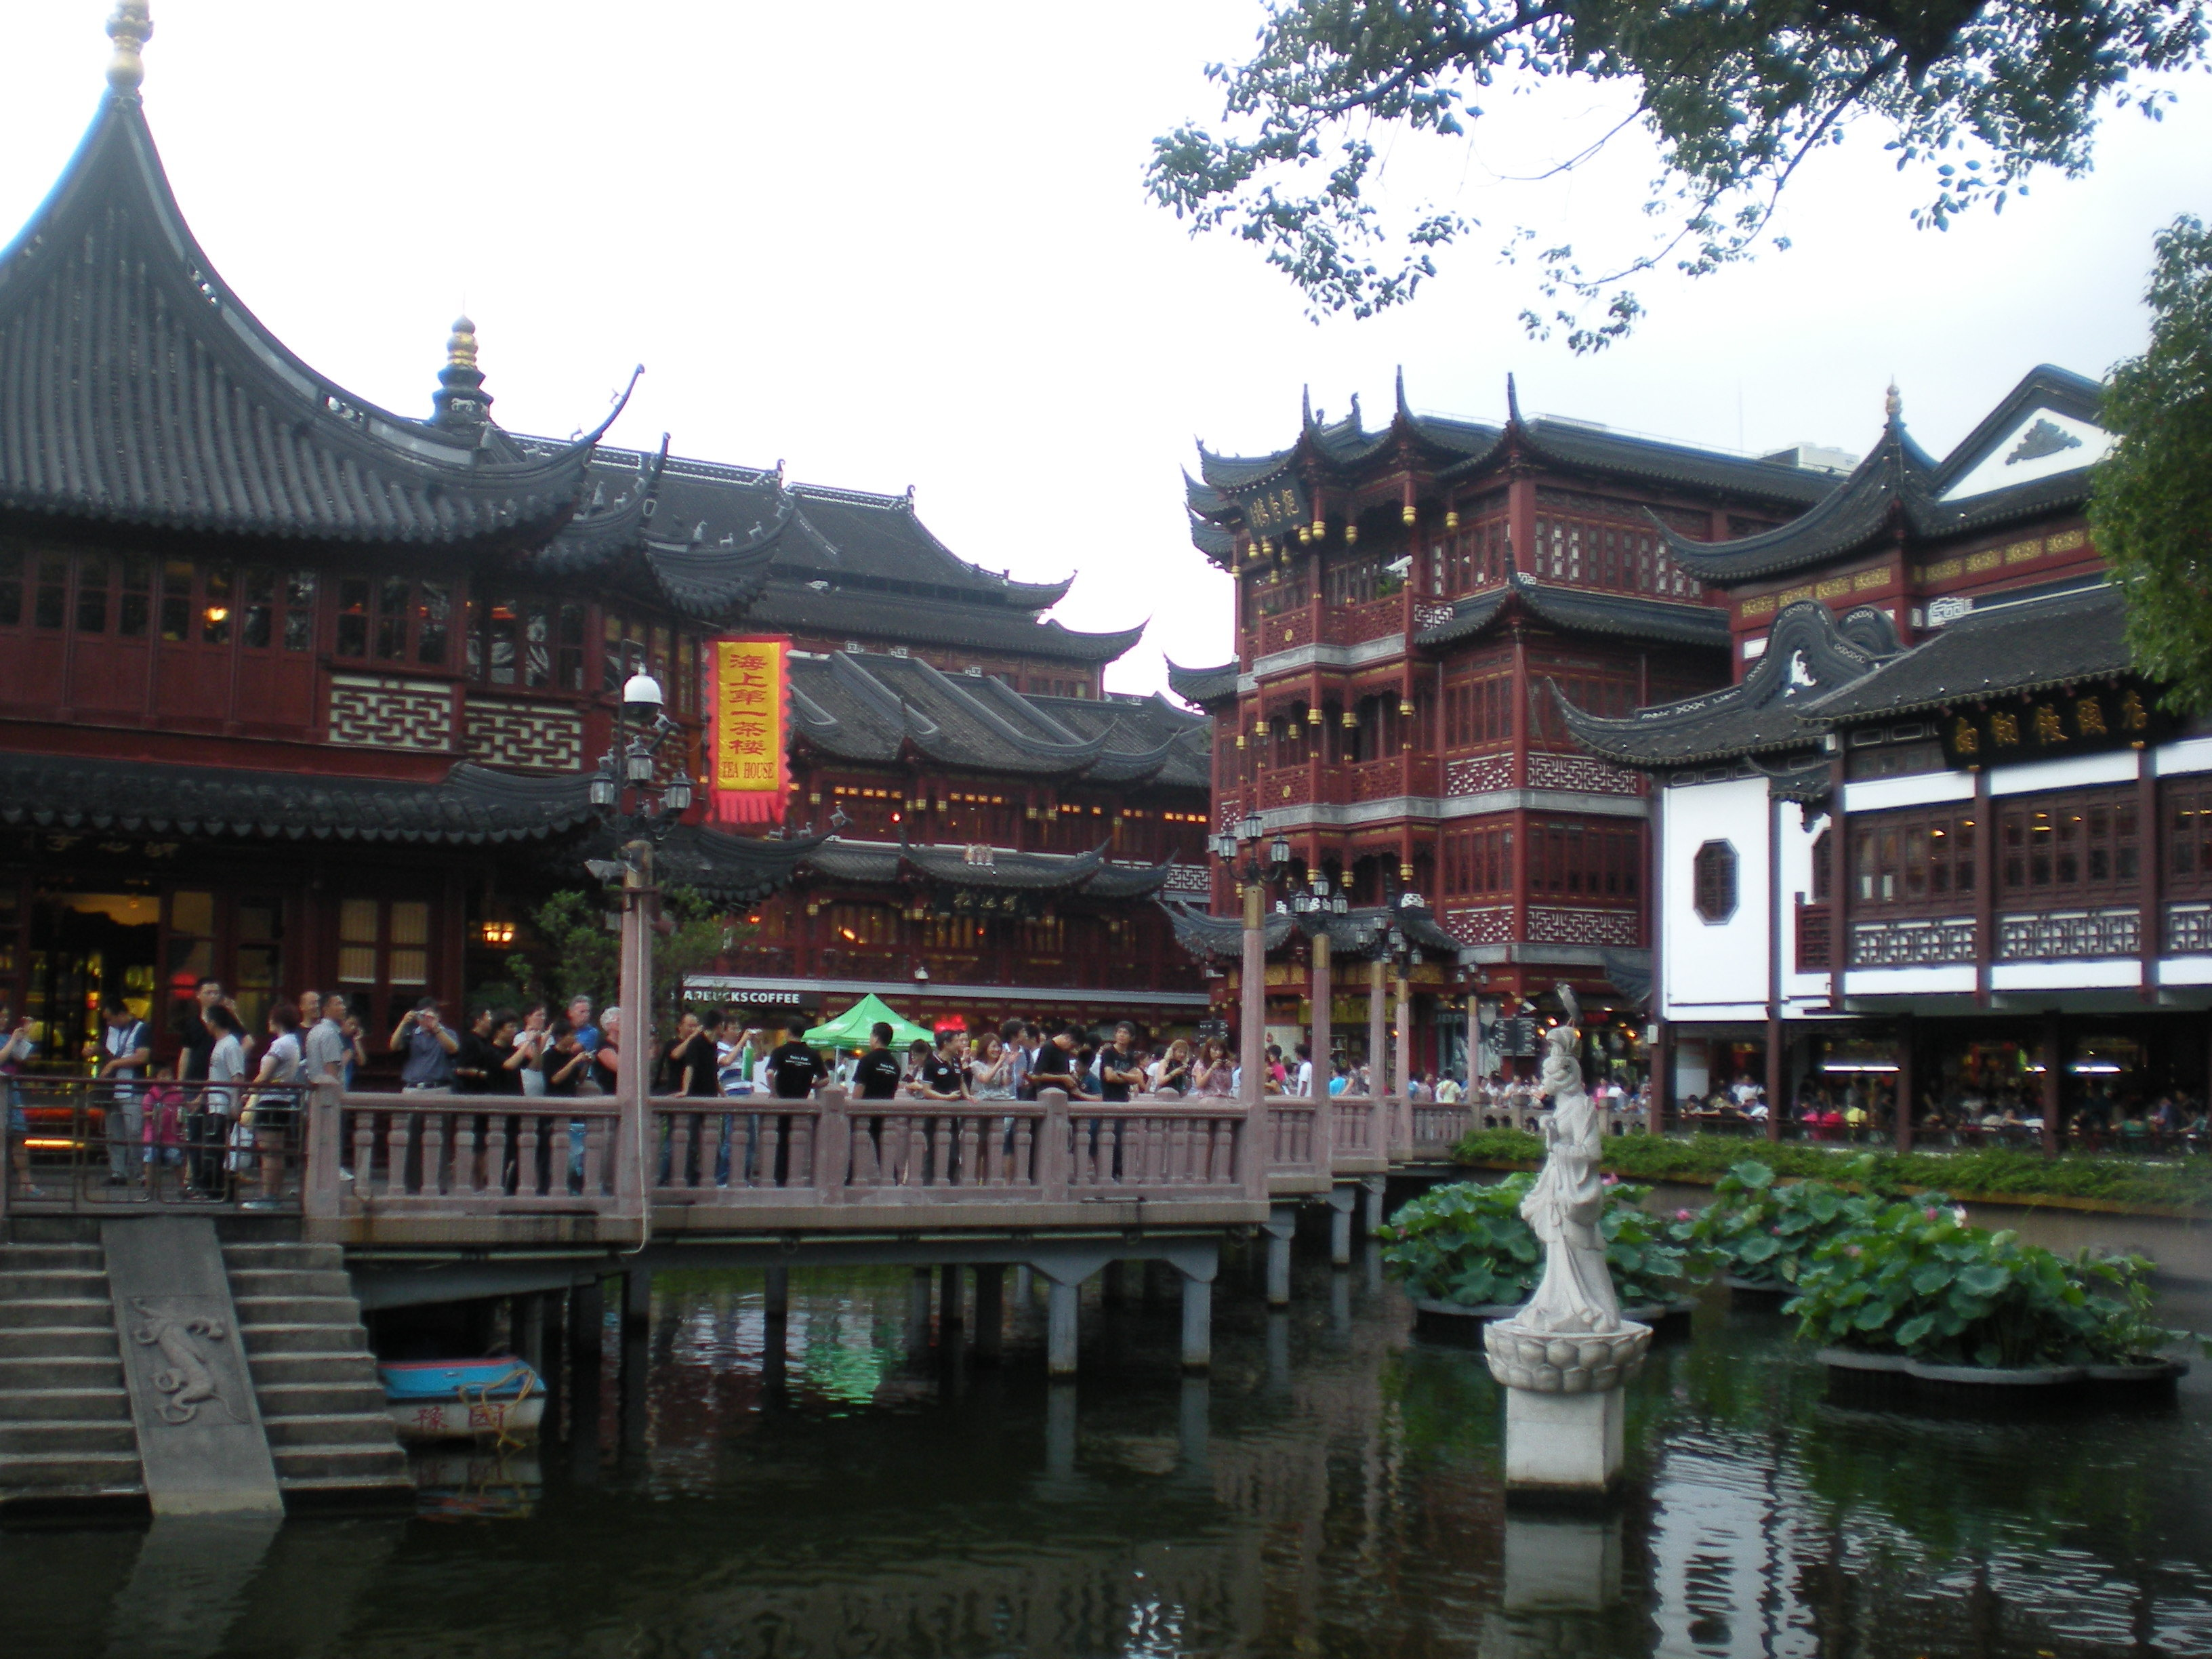 【携程攻略】上海豫园适合家庭亲子旅游吗,豫园家庭